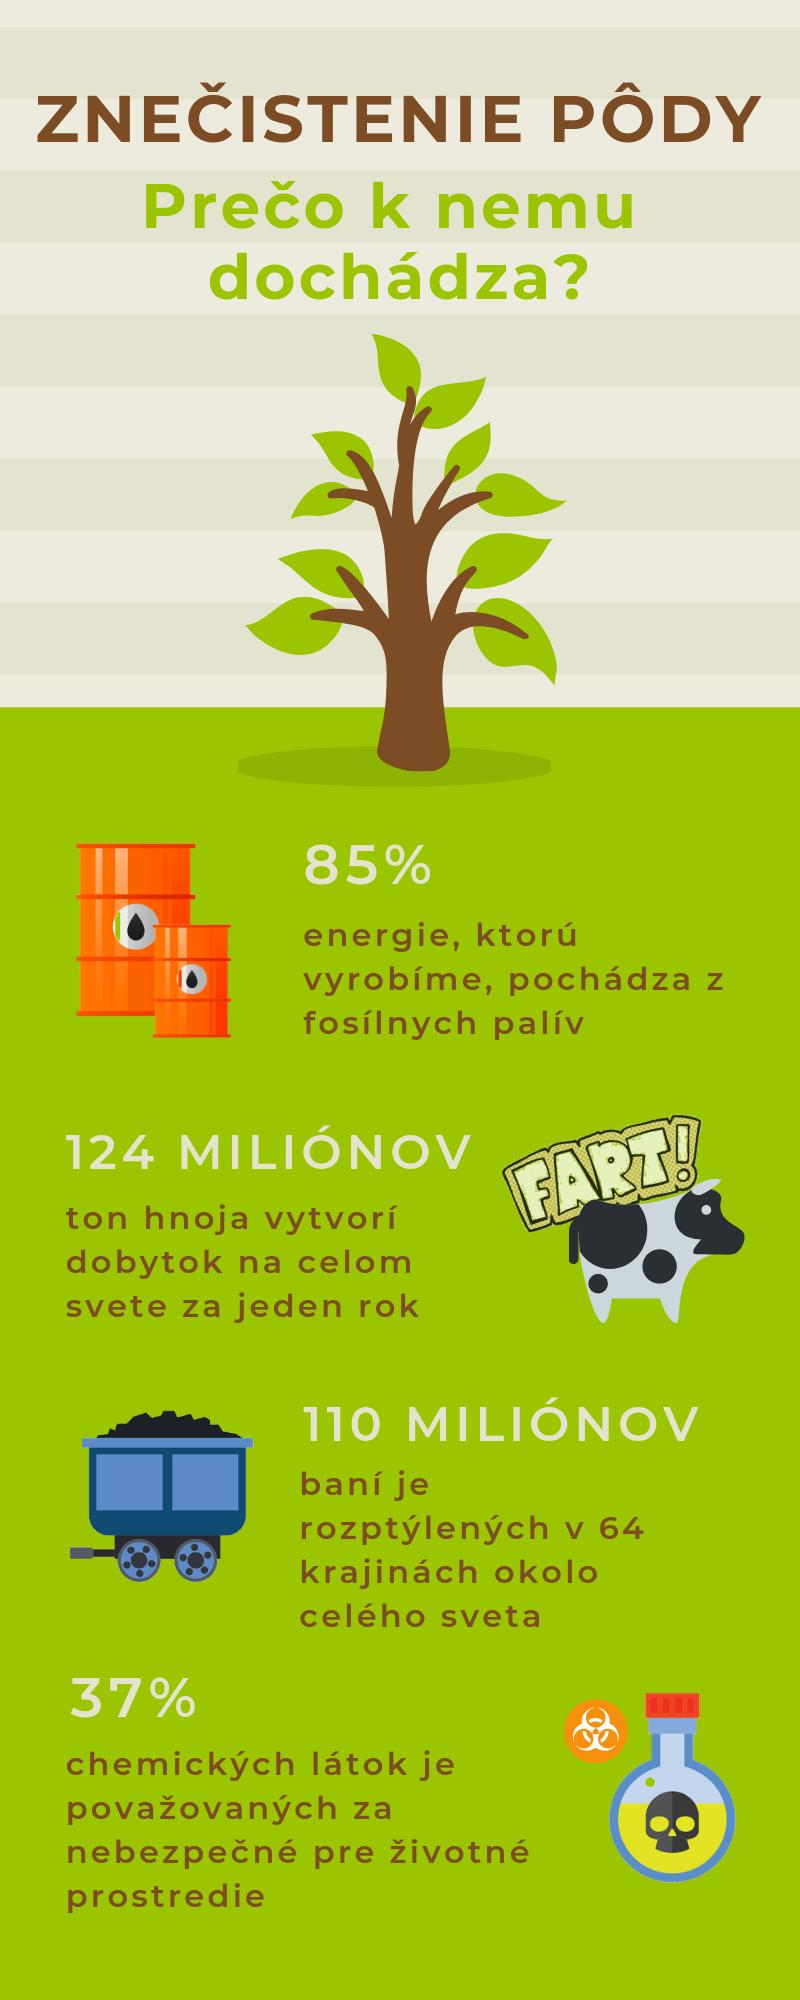 Infografika - znečistenie pôdy a zeme